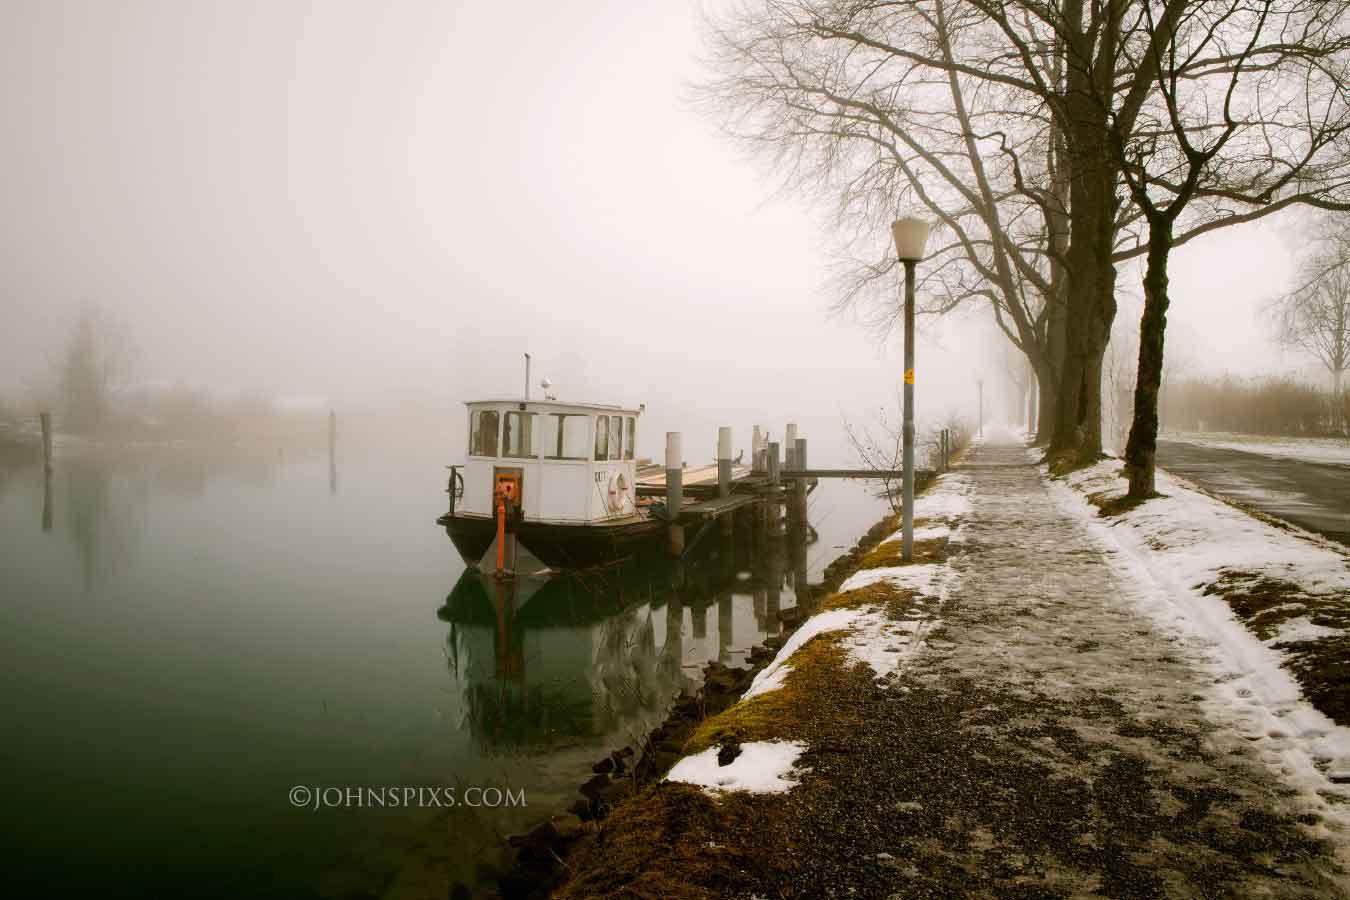 Misty Day in Interlaken, Switzerland